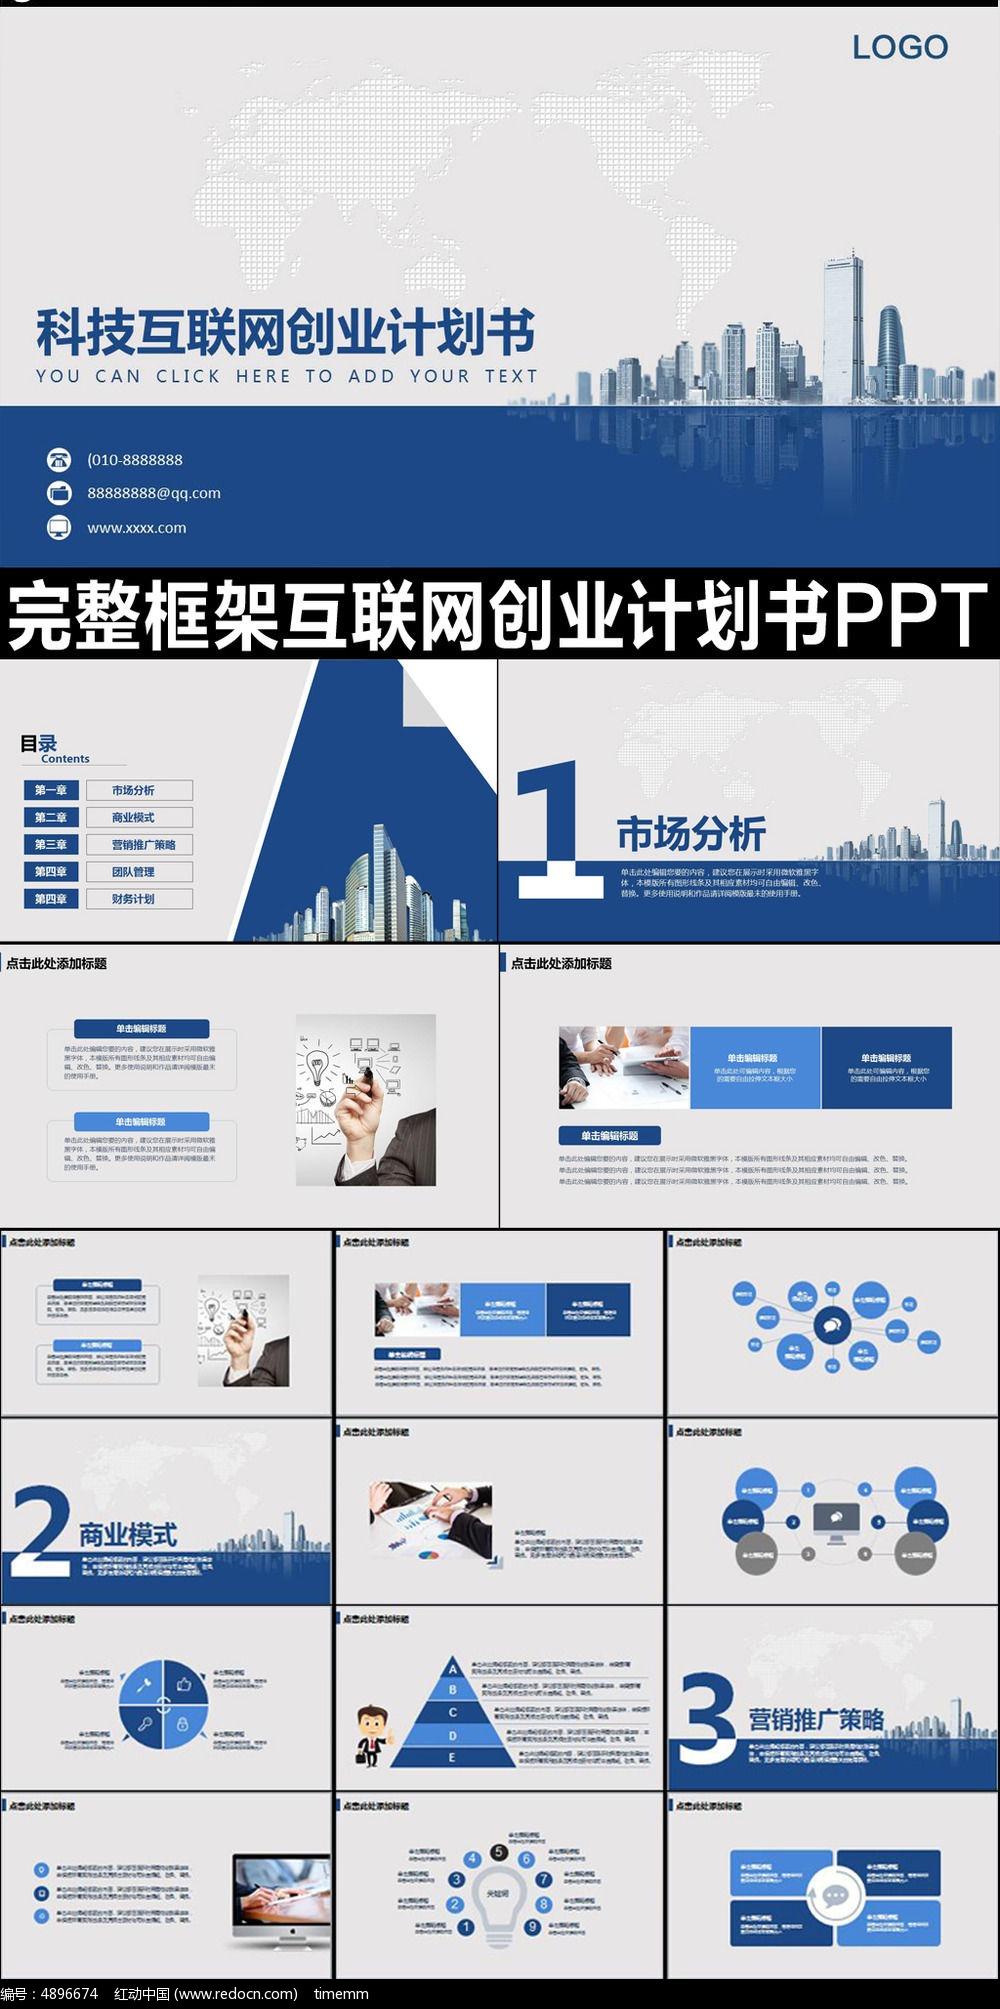 互联网投资计划融资 报告 ppt模板-投资报告模板jpg大全 投资报告模板